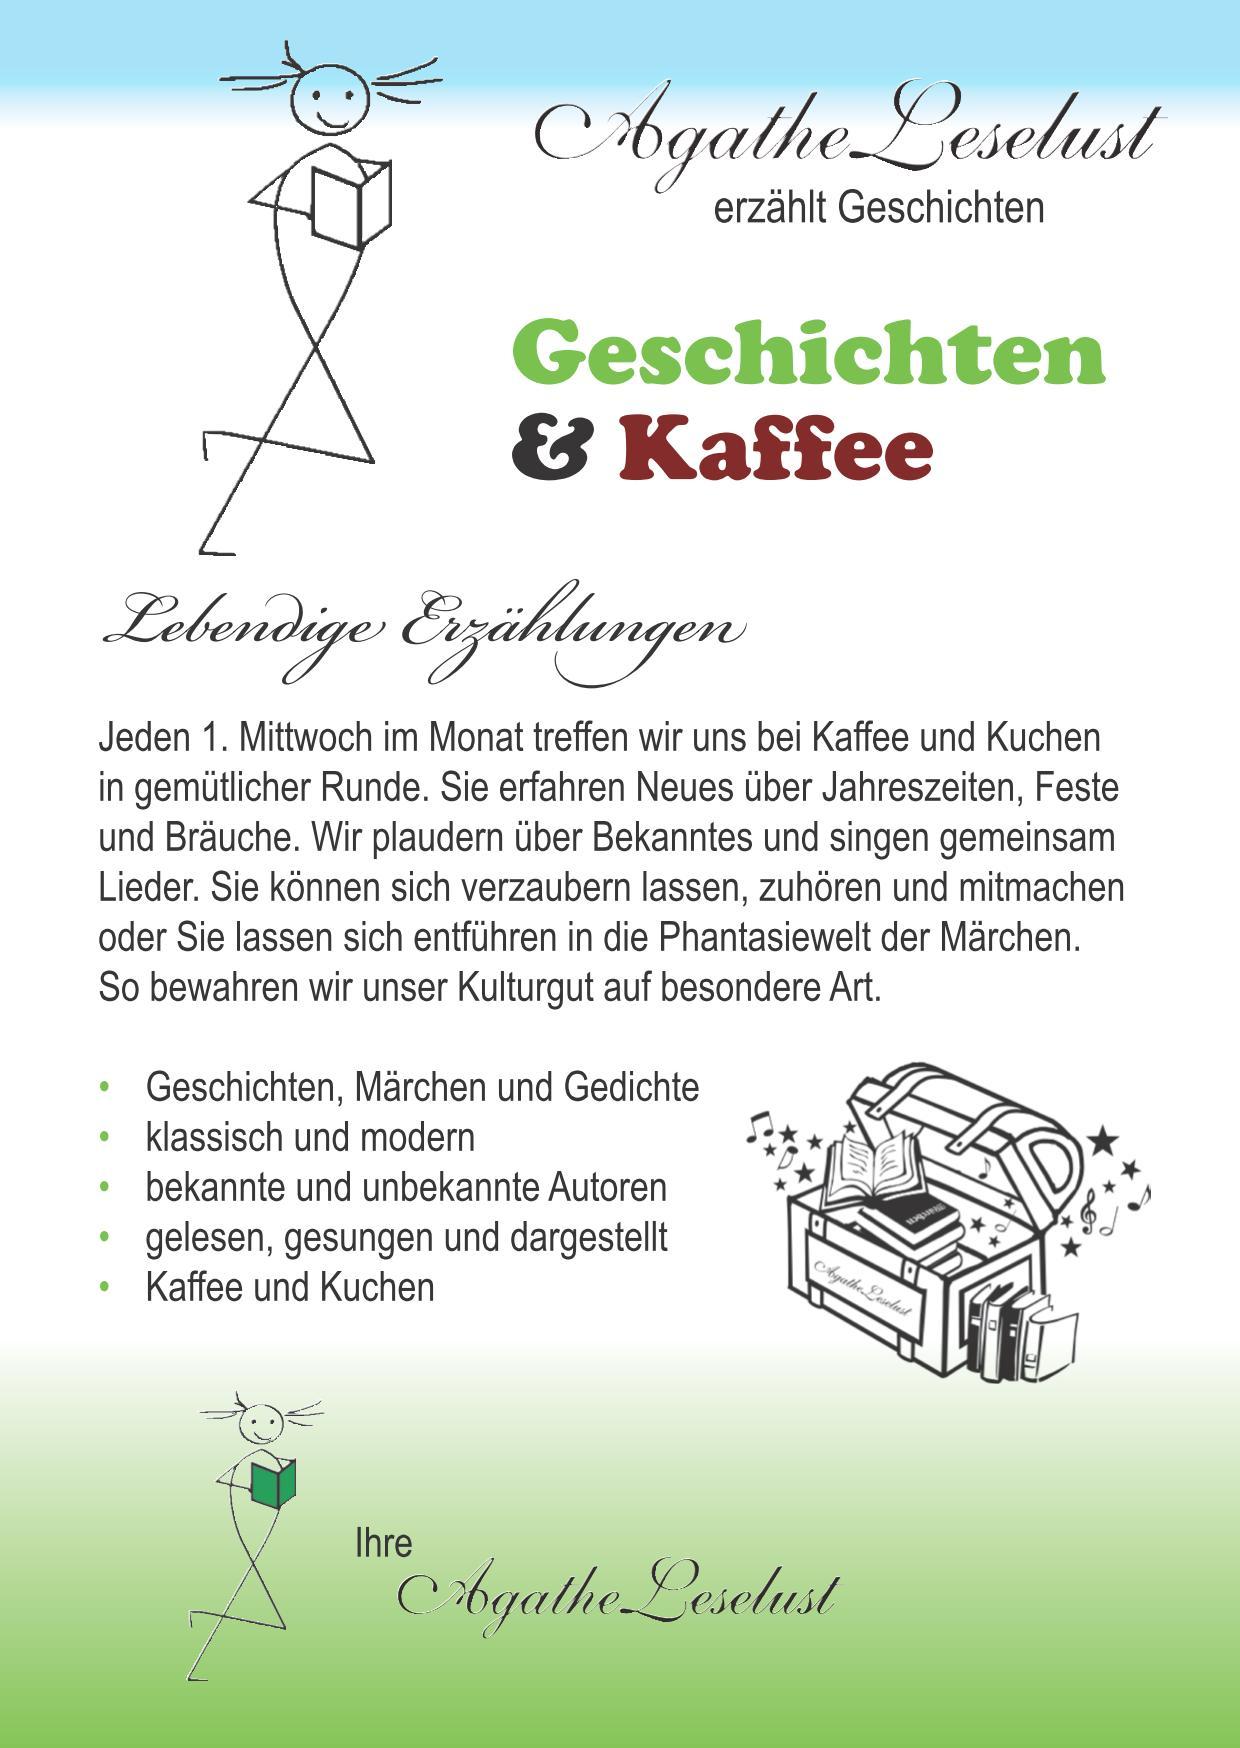 Verführerisch Lockt Der Kuchen U2013 Selbst Gebacken Von Der Projektmanagerin,  Frau Franz, Und Von Mir. Jetzt Beginnt Die Zeit Zum Zurücklehnen, Zuhören,  ...